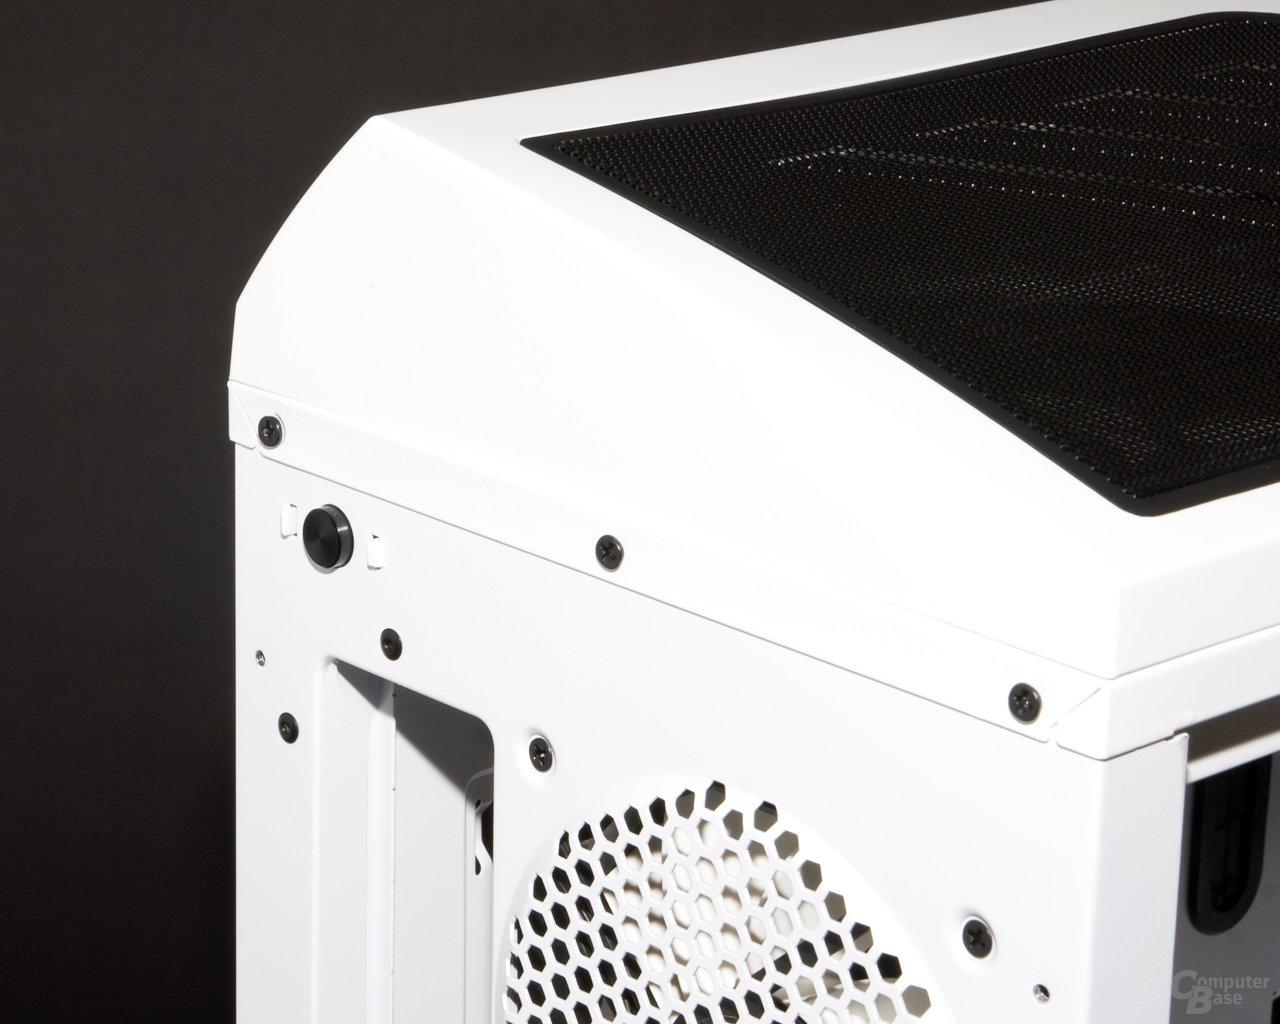 NZXT Phantom – Schalter für Lüfterbeleuchtung